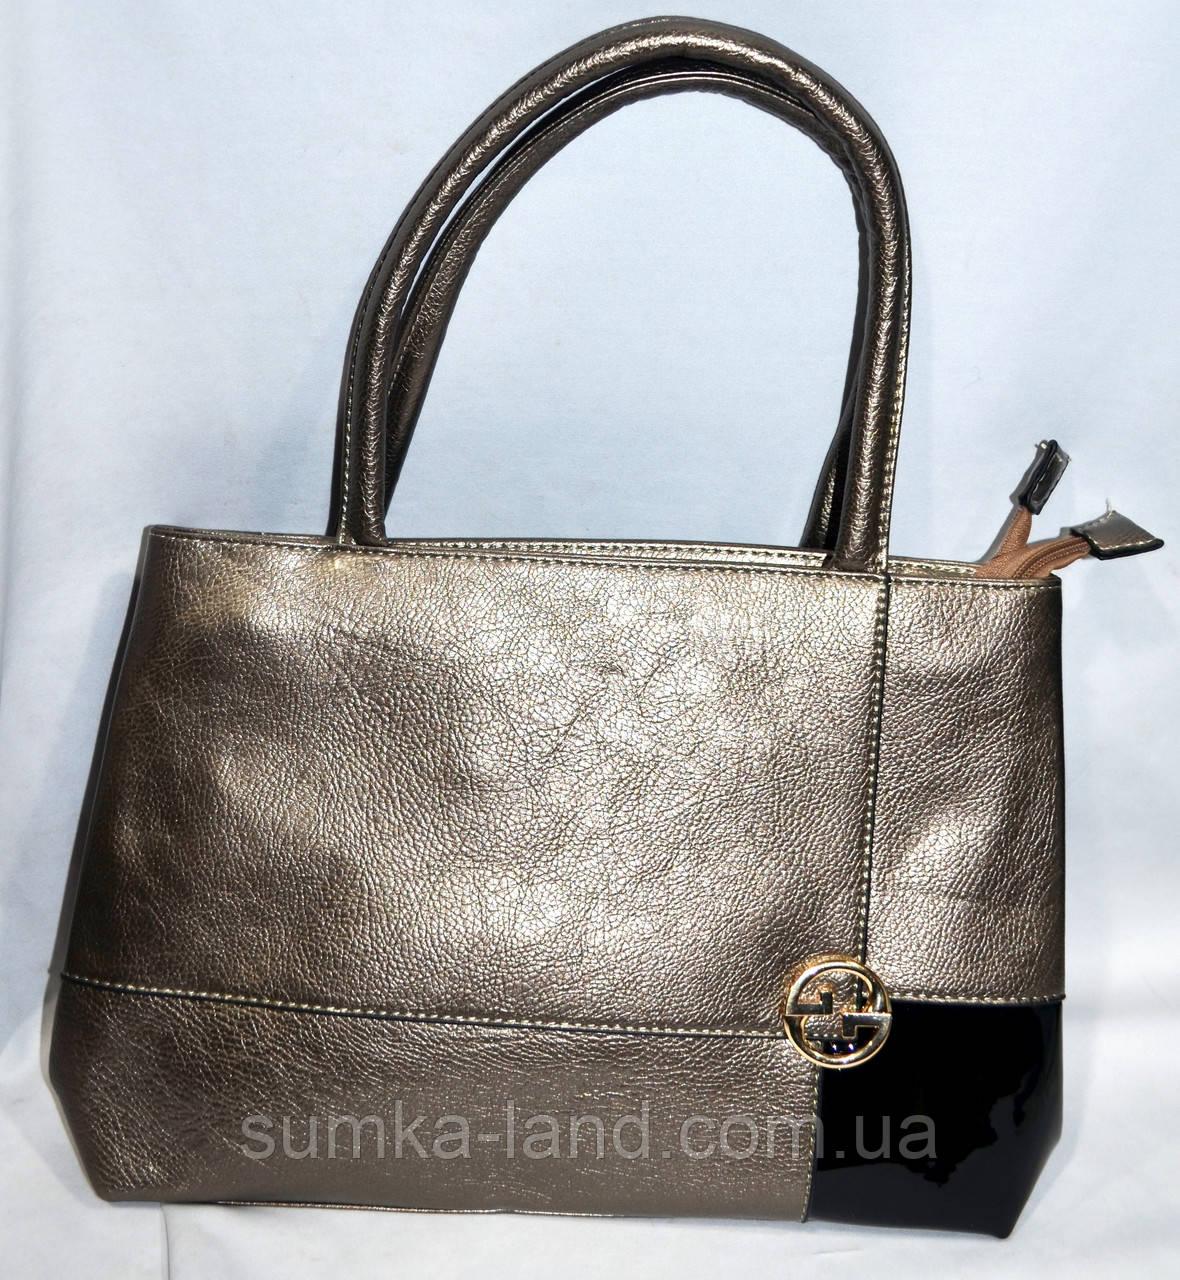 256680af2 Женская бронзовая сумка из искусственной кожи с лаковой вставкой (2 отдела)  33*24